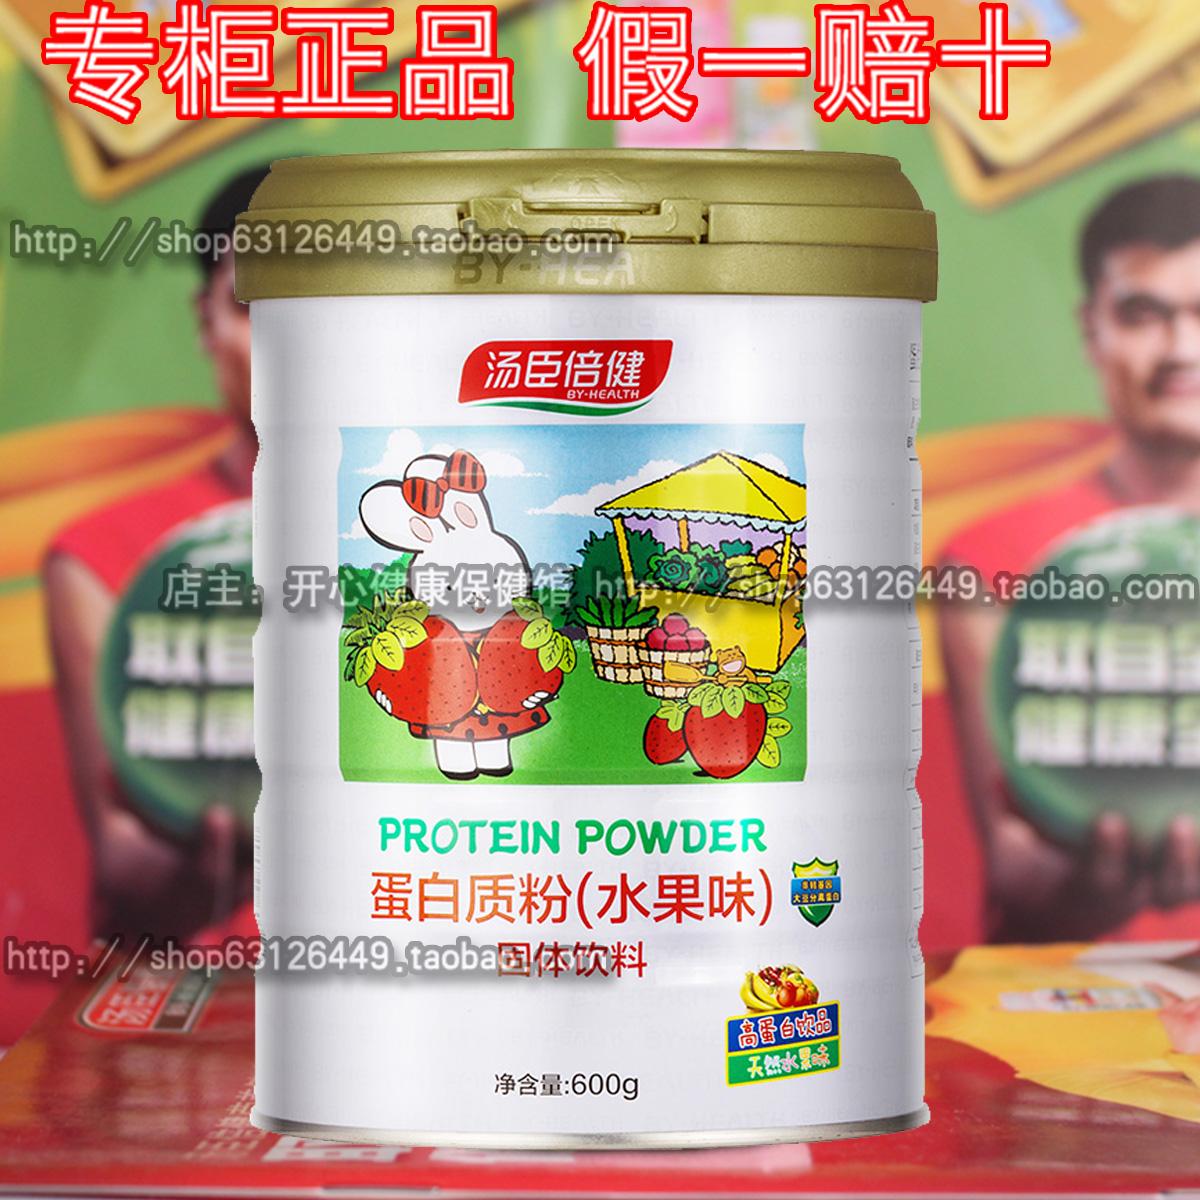 汤臣倍健蛋白质粉水果味600g) 促发育 儿童蛋白粉 少年儿童营养粉